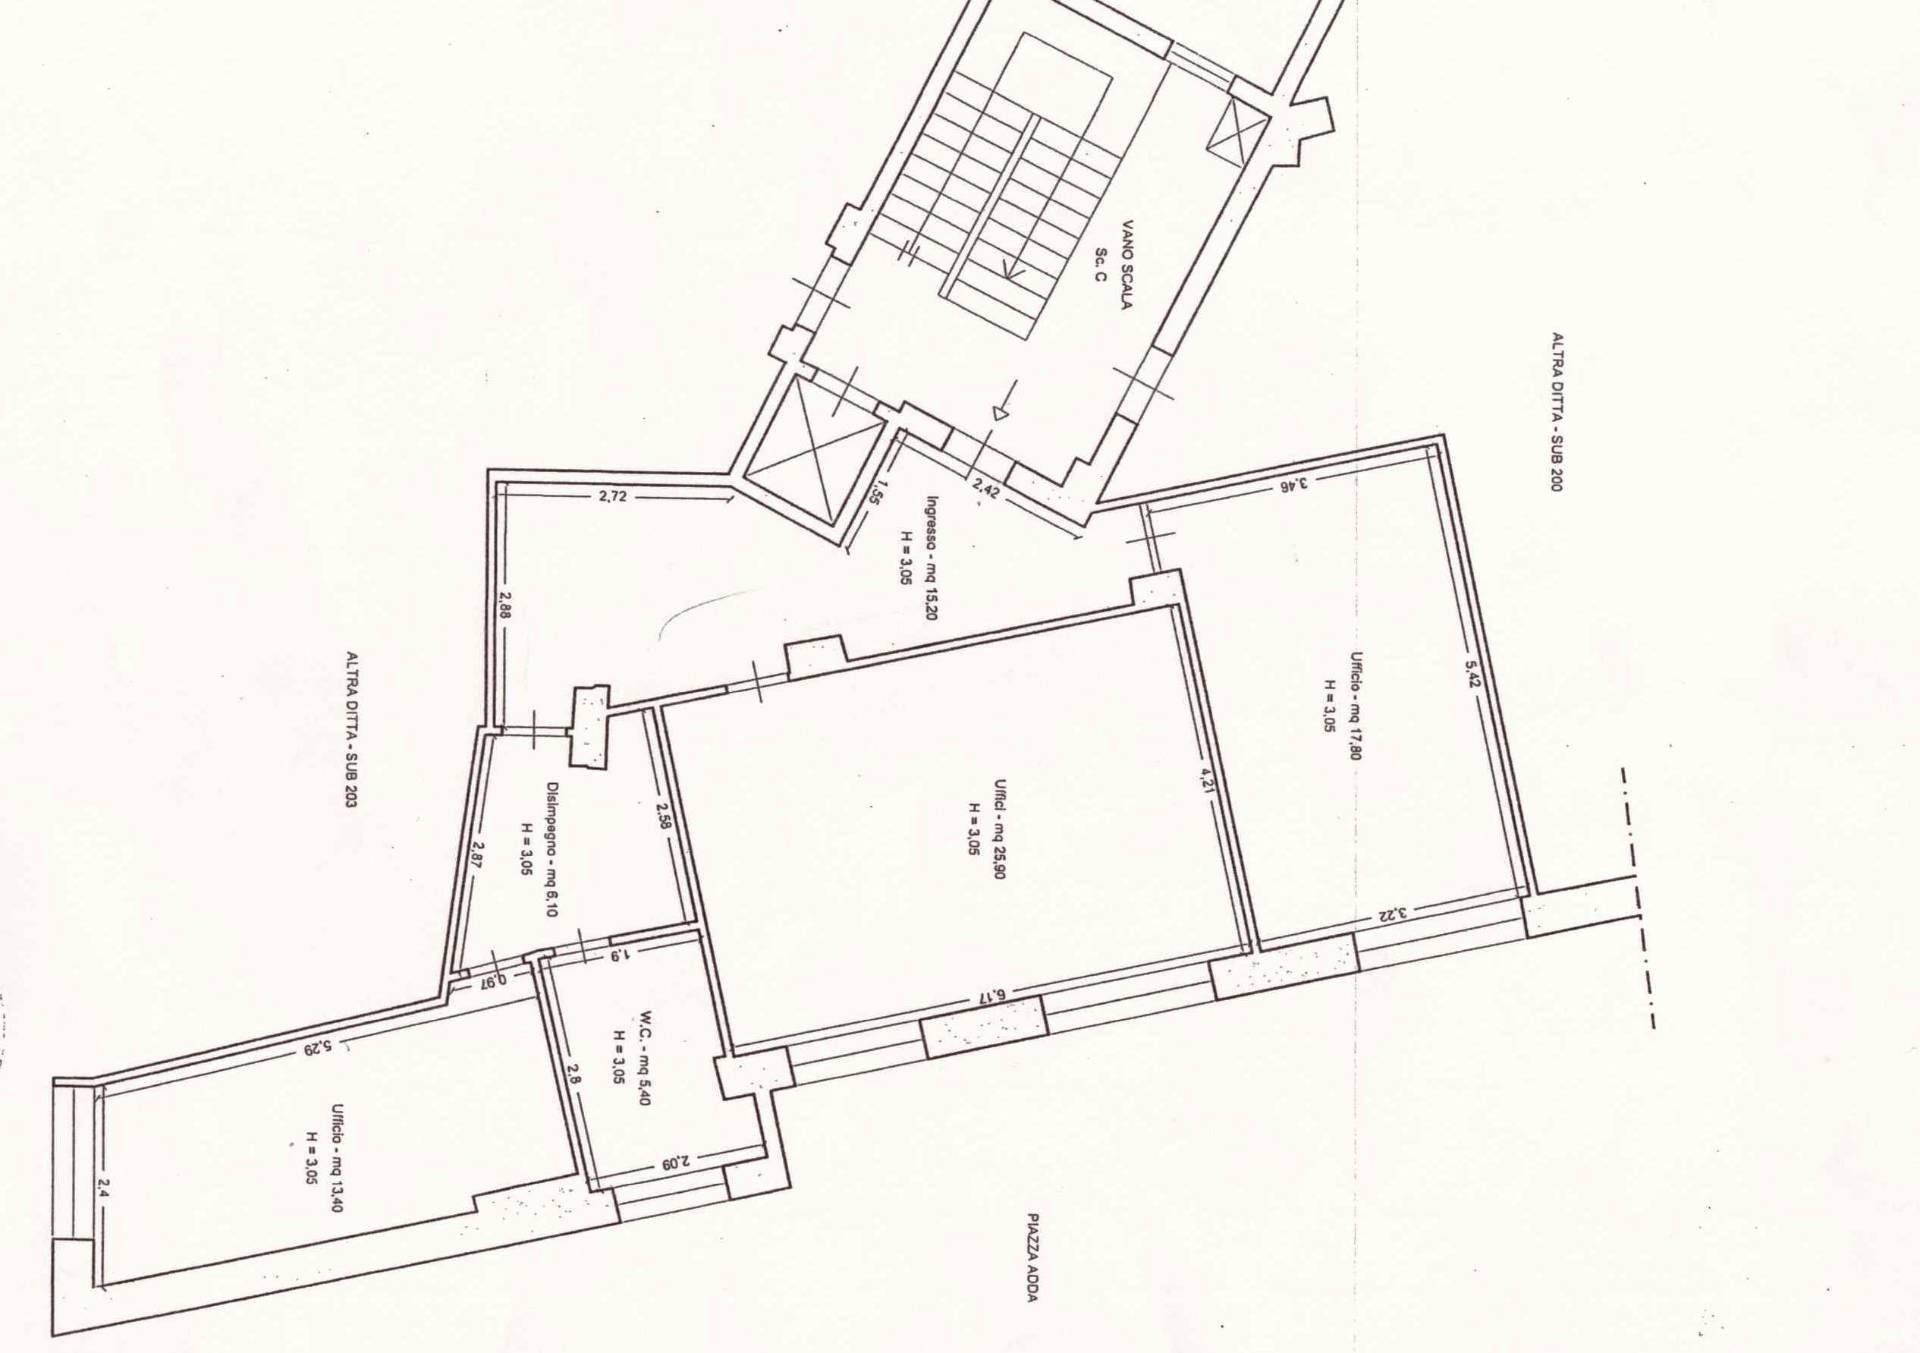 Ufficio / Studio in affitto a Siracusa, 9999 locali, zona Località: PiazzaAdda, prezzo € 550 | CambioCasa.it